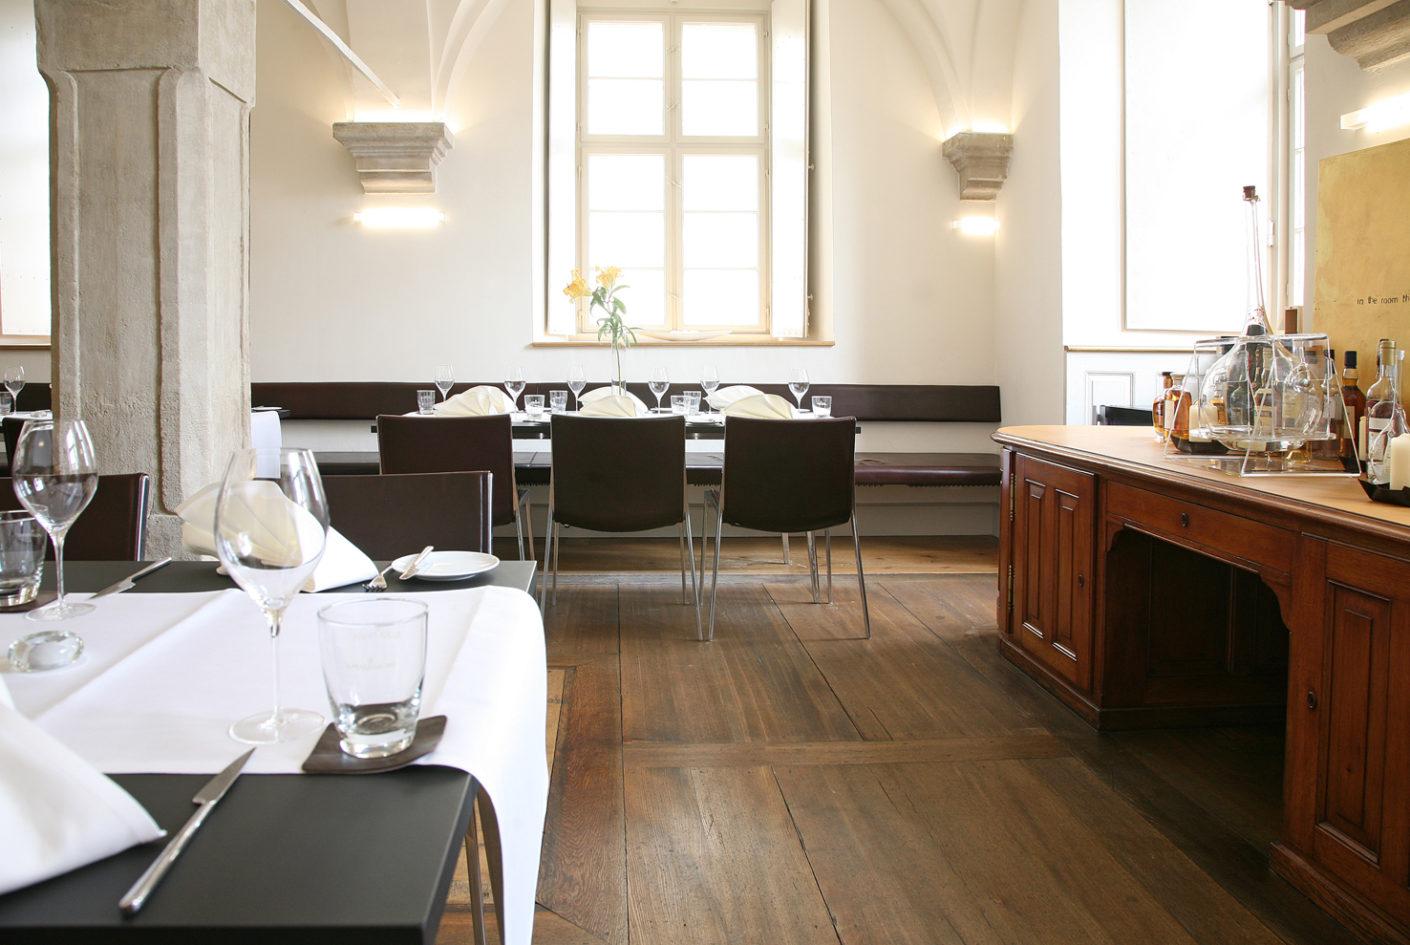 In der Hofbibliothek wird die regionale Küche mit internationalen Akzenten kombiniert angeboten.